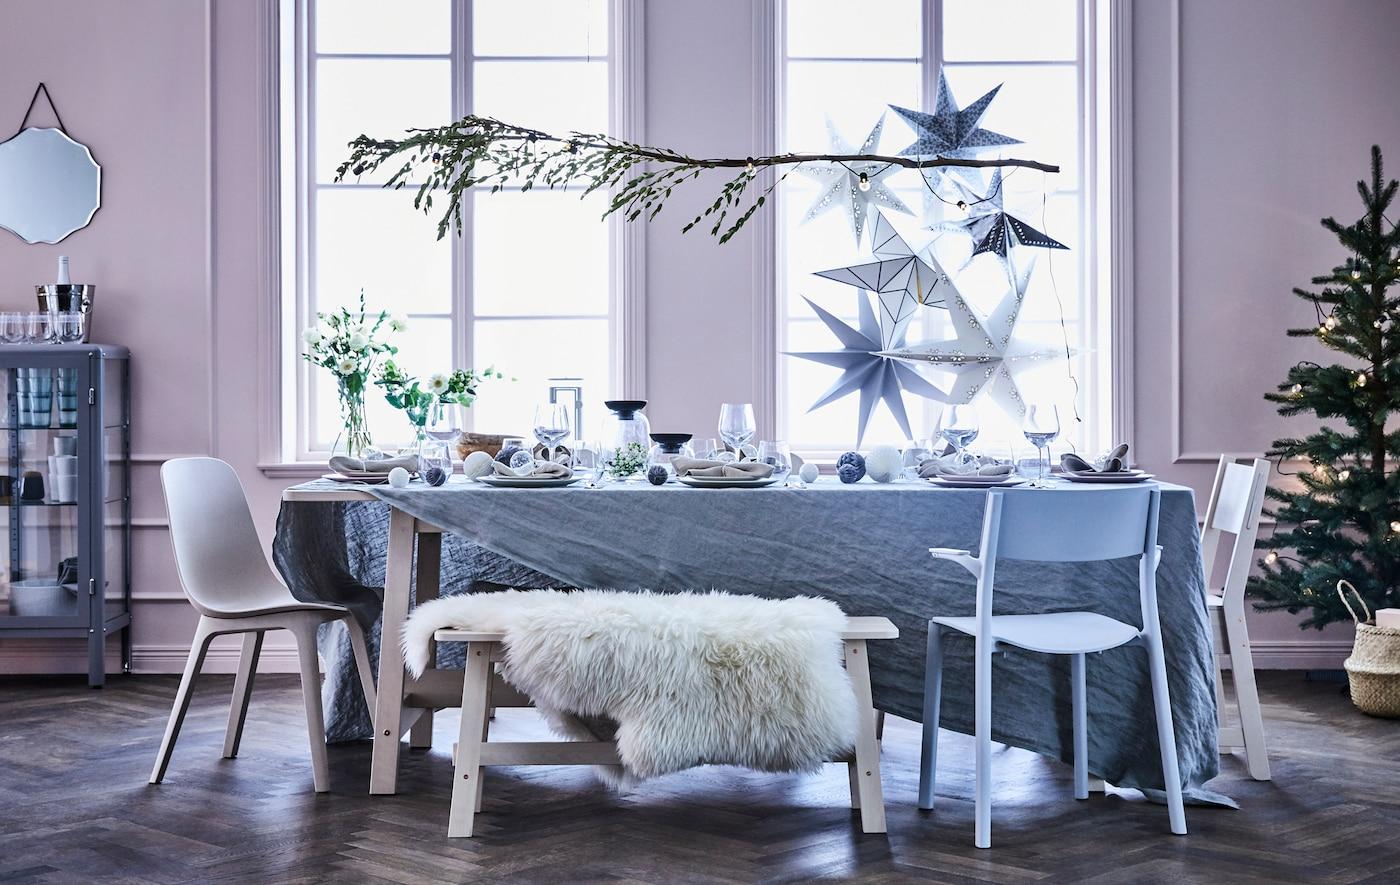 Planifie un repas-partage dans ton séjour! IKEA propose du mobilier de salle à manger, des tables et des chaises modernes. Comme le banc NORRÅKER en bouleau, blanc. Avec des angles arrondis, il y a moins de risque pour les enfants de se blesser en cas de choc.